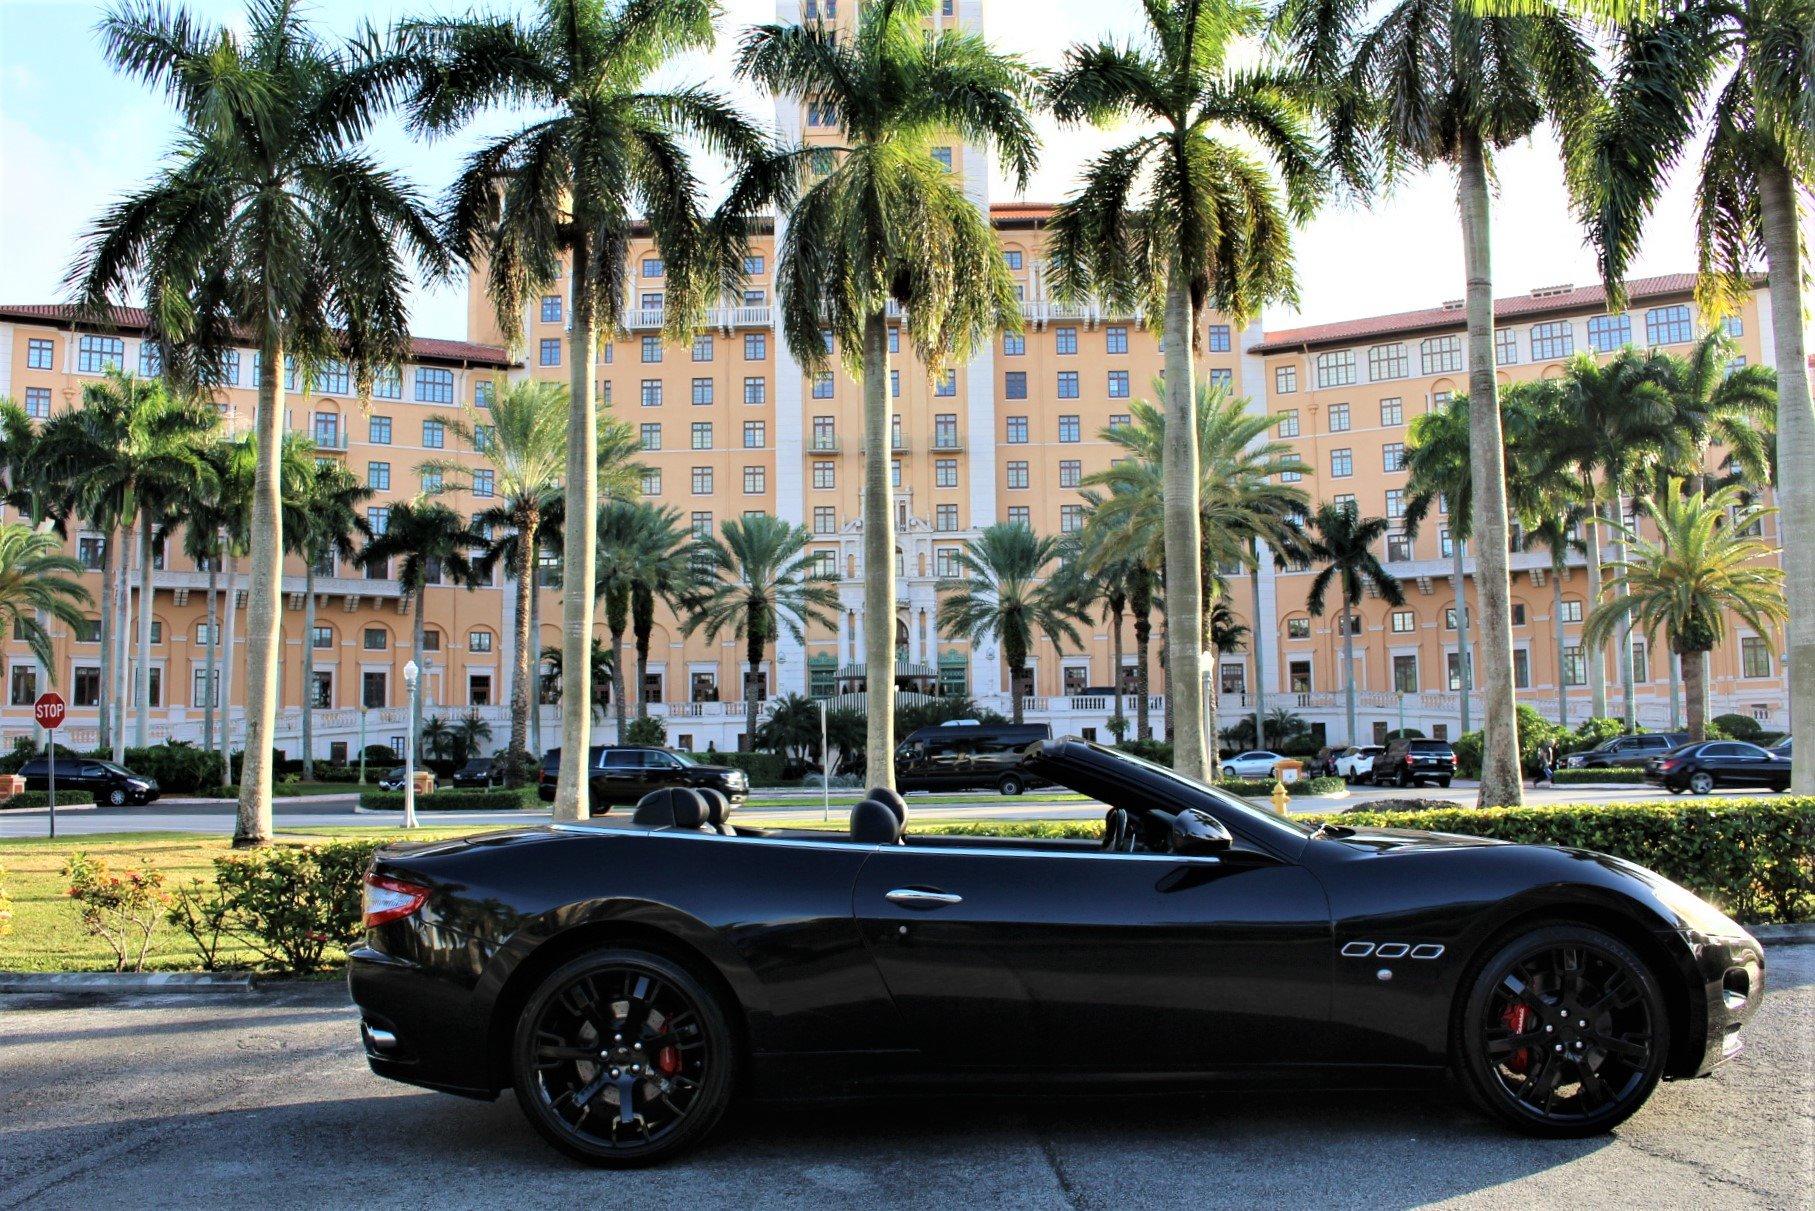 Used 2011 Maserati GranTurismo for sale Sold at The Gables Sports Cars in Miami FL 33146 1